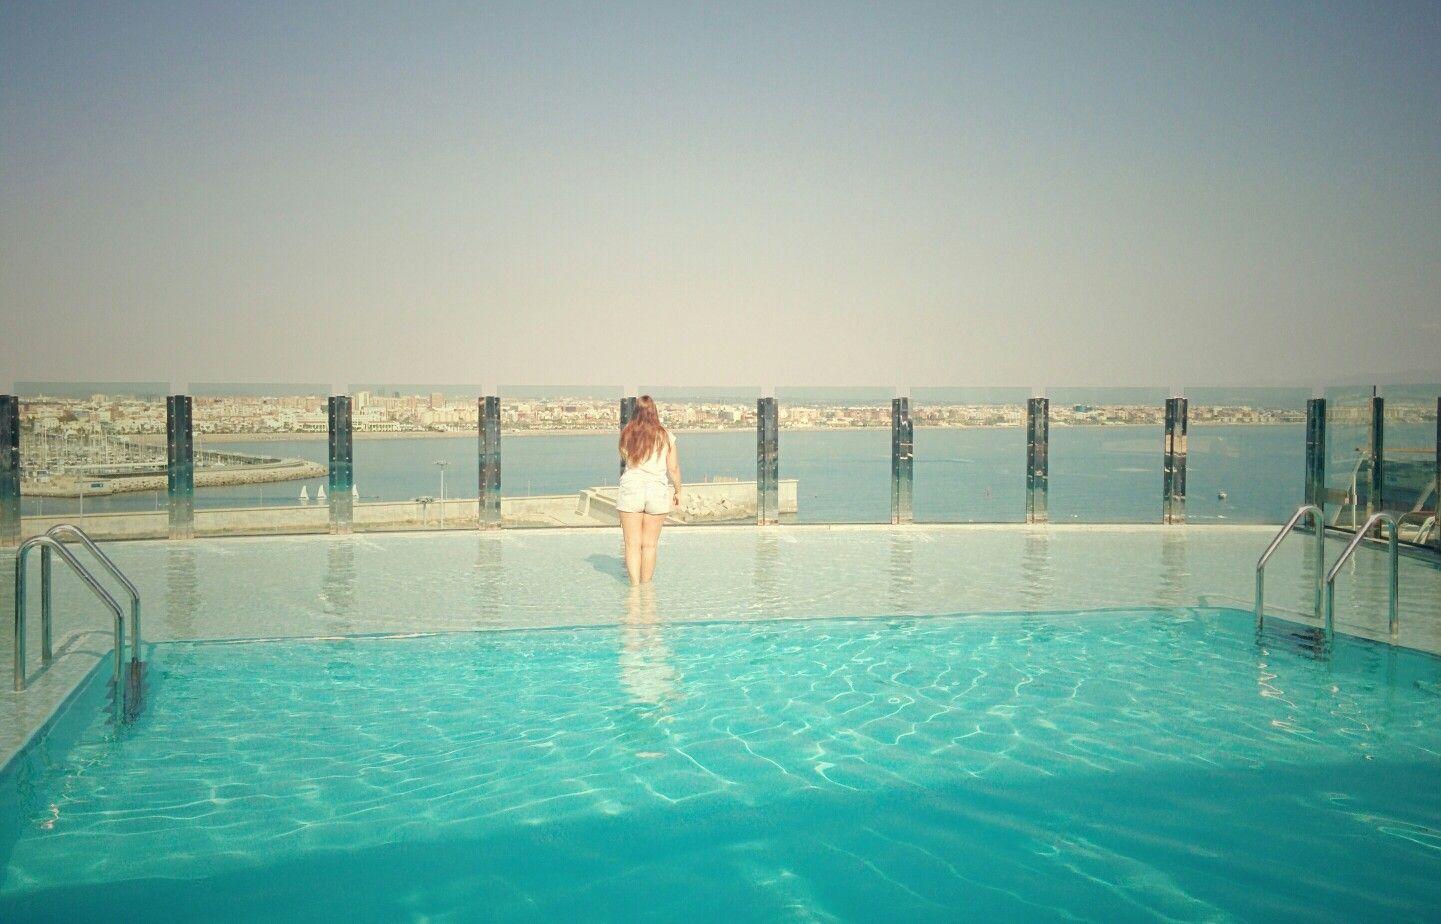 Y ya con Valencia en el horizonte. Creo que se me están acabando las vacaciones. :(